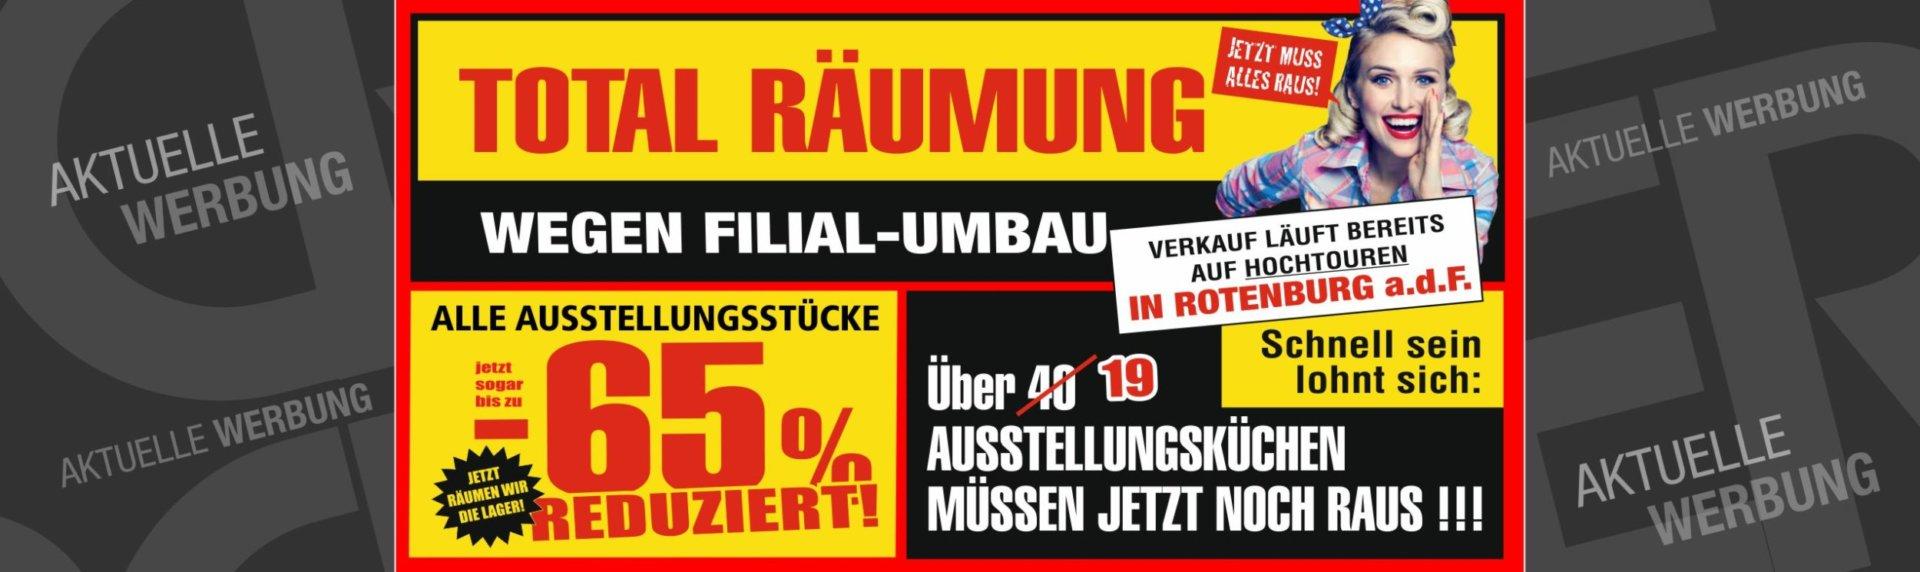 Gro er total r umungsverkauf bei cranz sch fer in rotenburg a d f m bel und k chen von - Mobel cranz und schafer eisenach ...